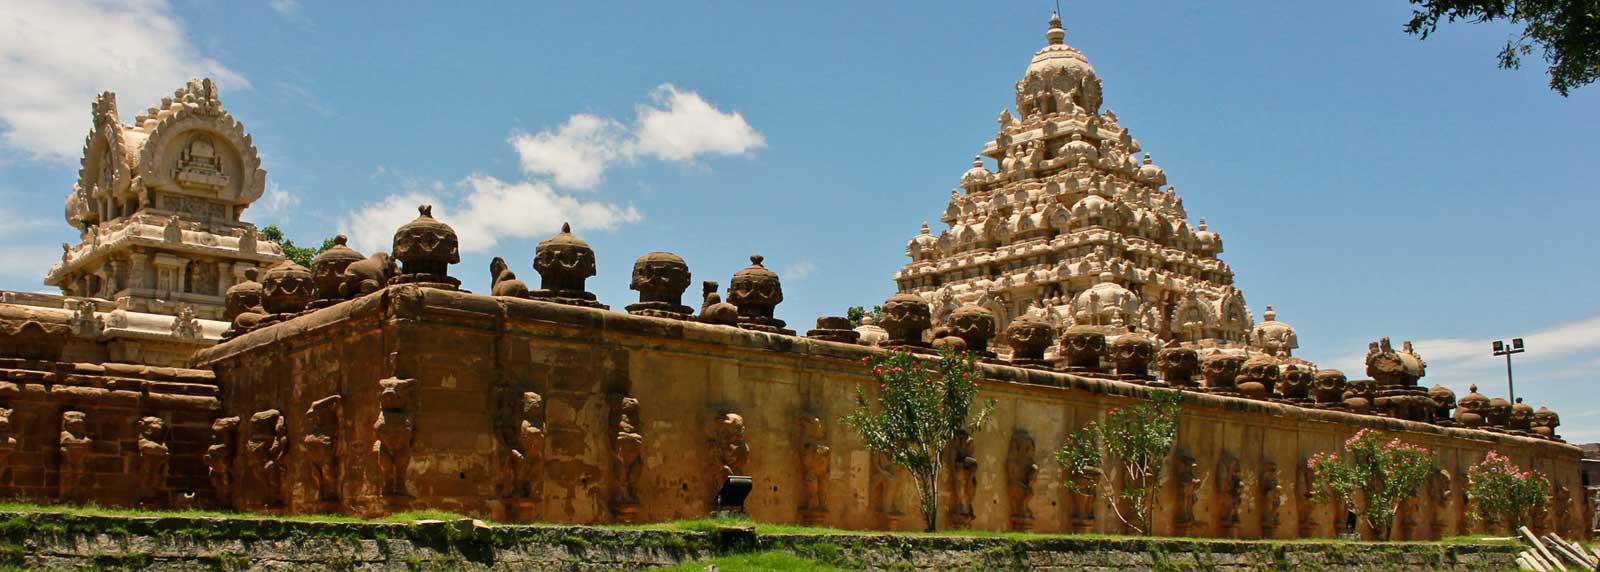 kanchipuram-tour-package